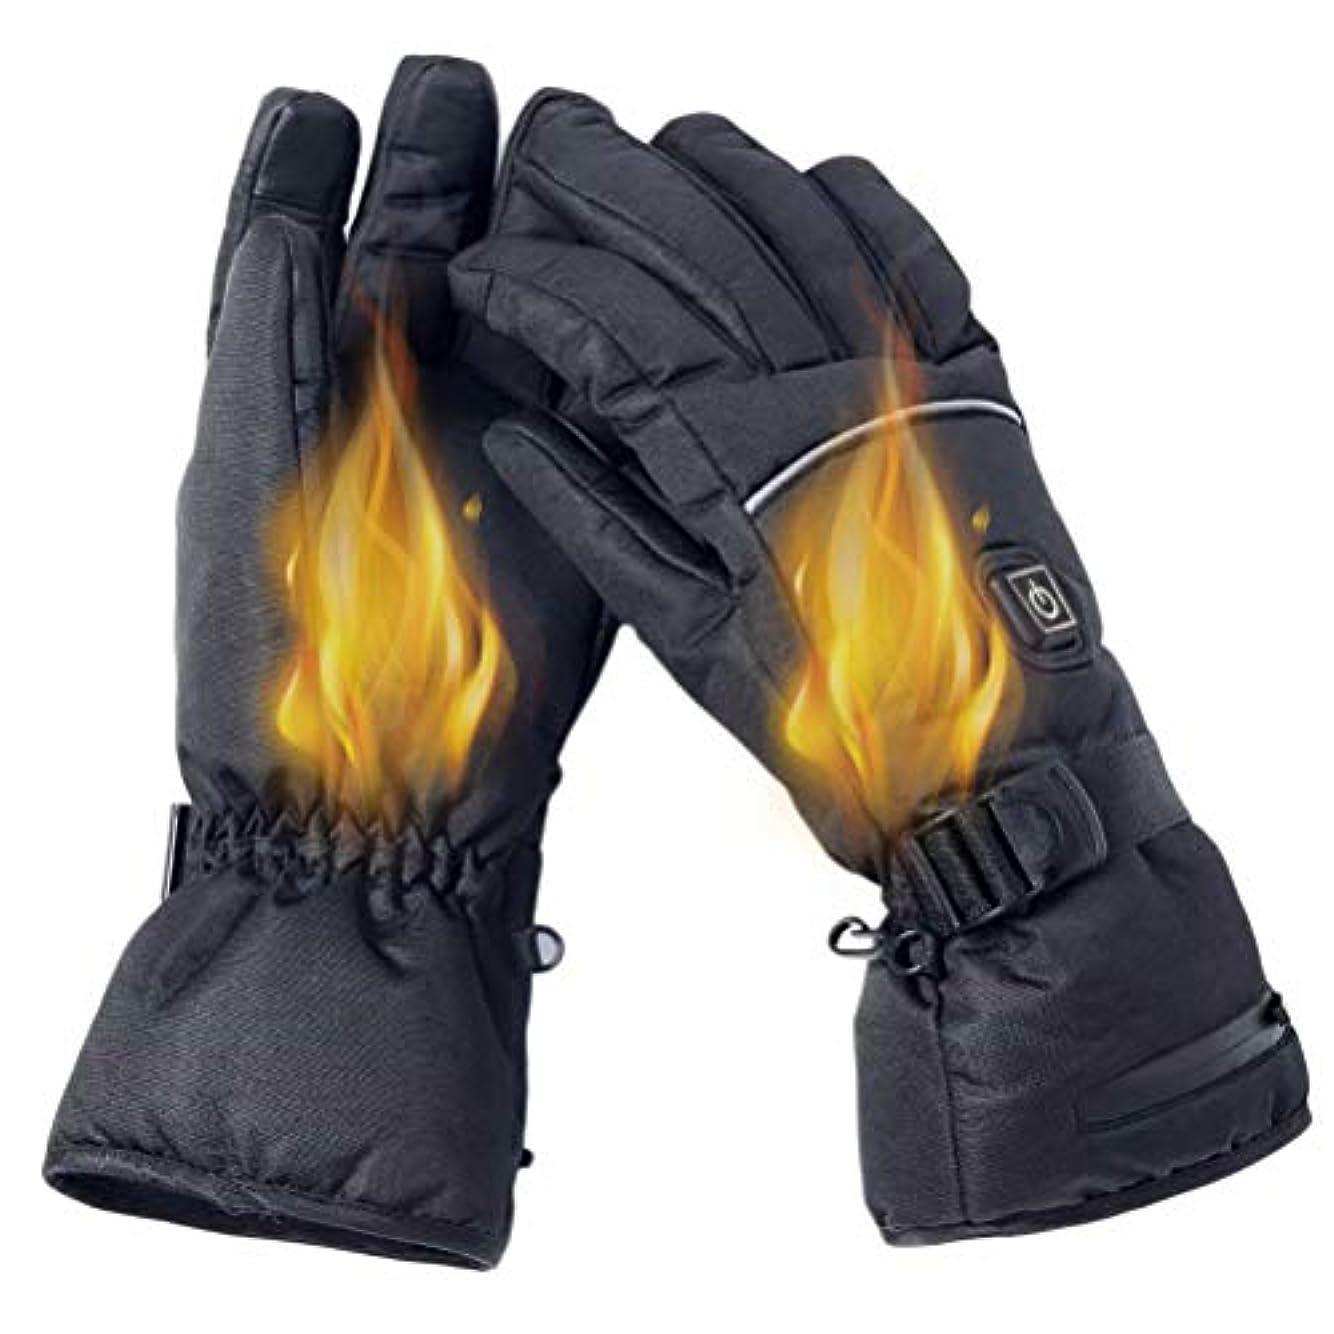 必需品注目すべきカストディアンTAIPPAN 電気加熱手袋冬暖かい手袋3レベル温度調節可能な手袋防寒 スポーツグローブ